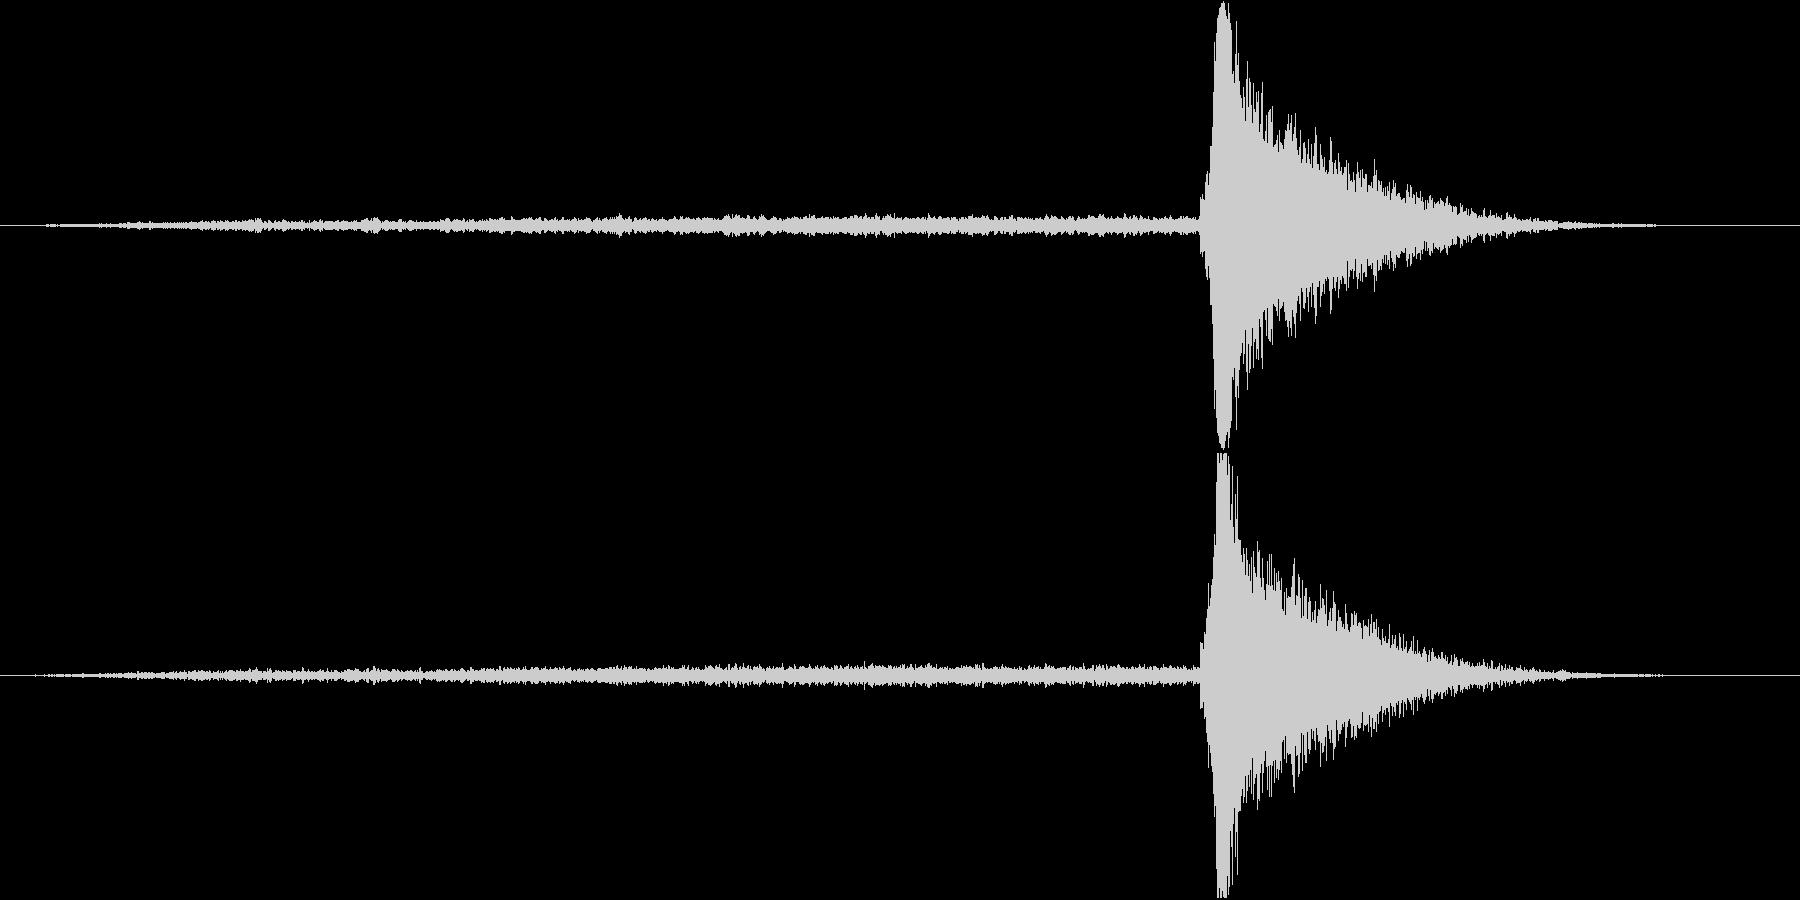 ホラー系衝撃音2 +最初に高音煽り20秒の未再生の波形